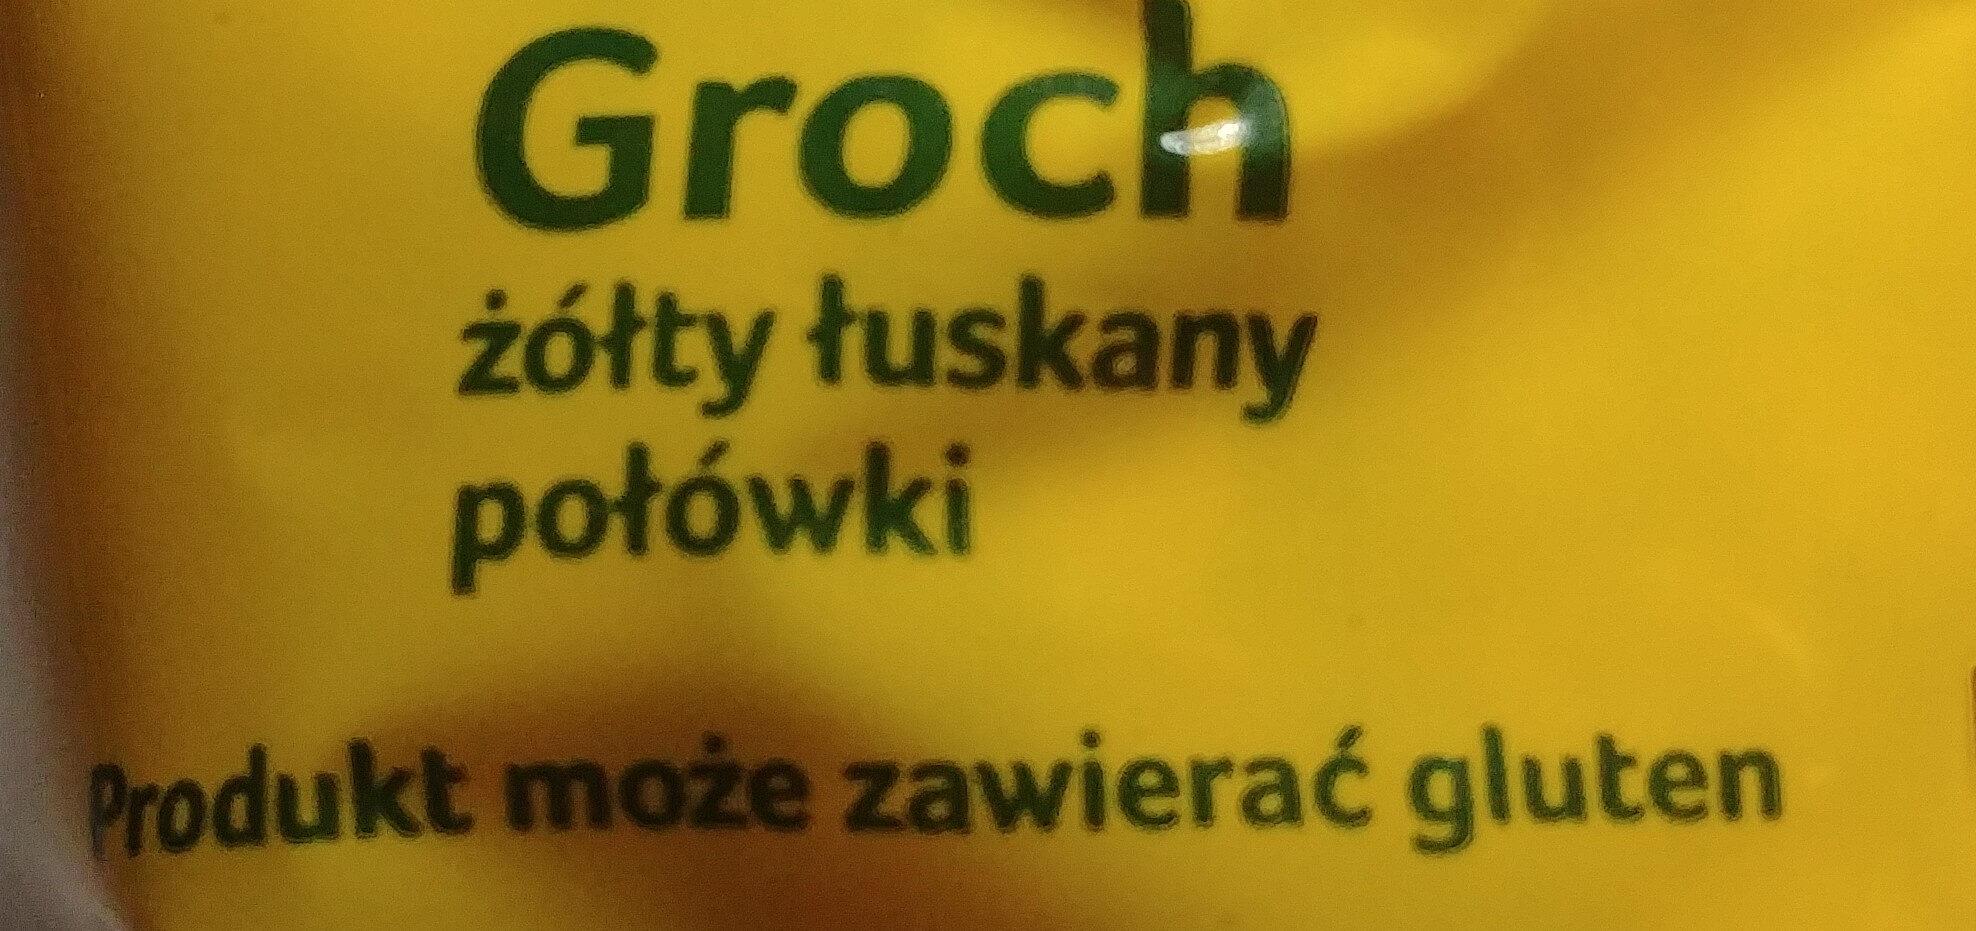 Groch żółty łuskany połówki - Składniki